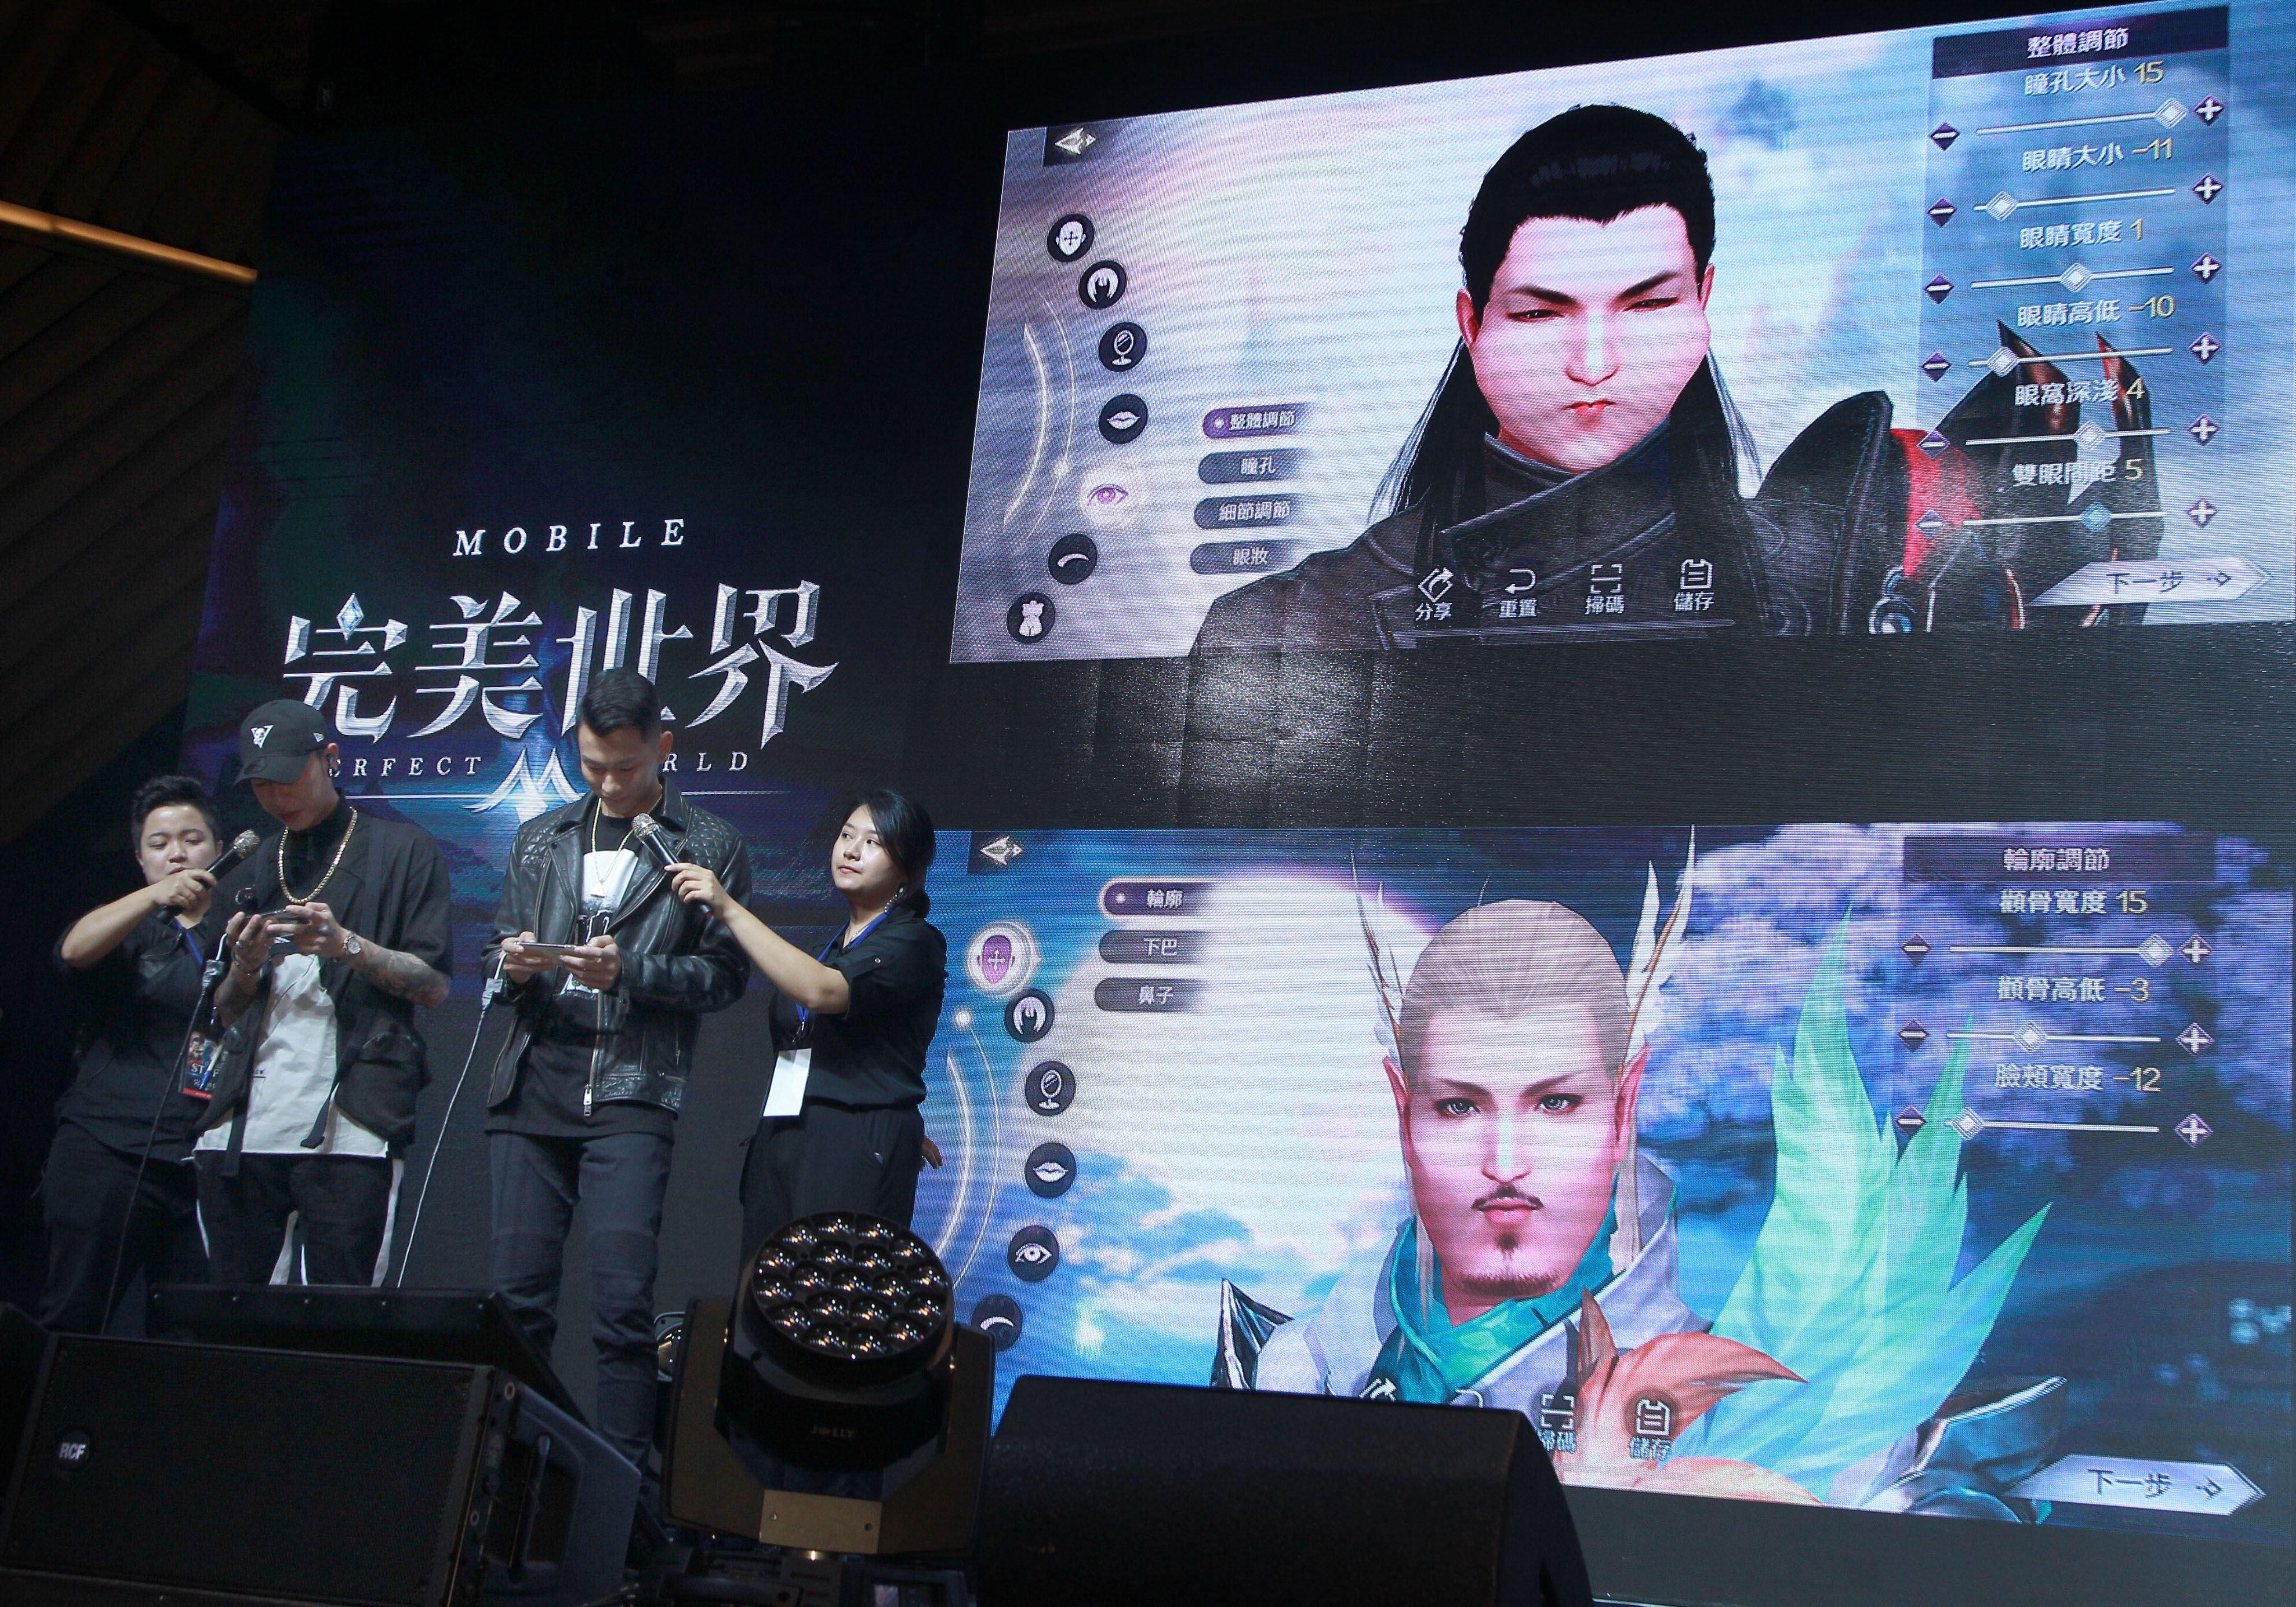 張惠妹與頑童首度獻唱電玩遊戲主題曲。(記者邱榮吉/攝影)